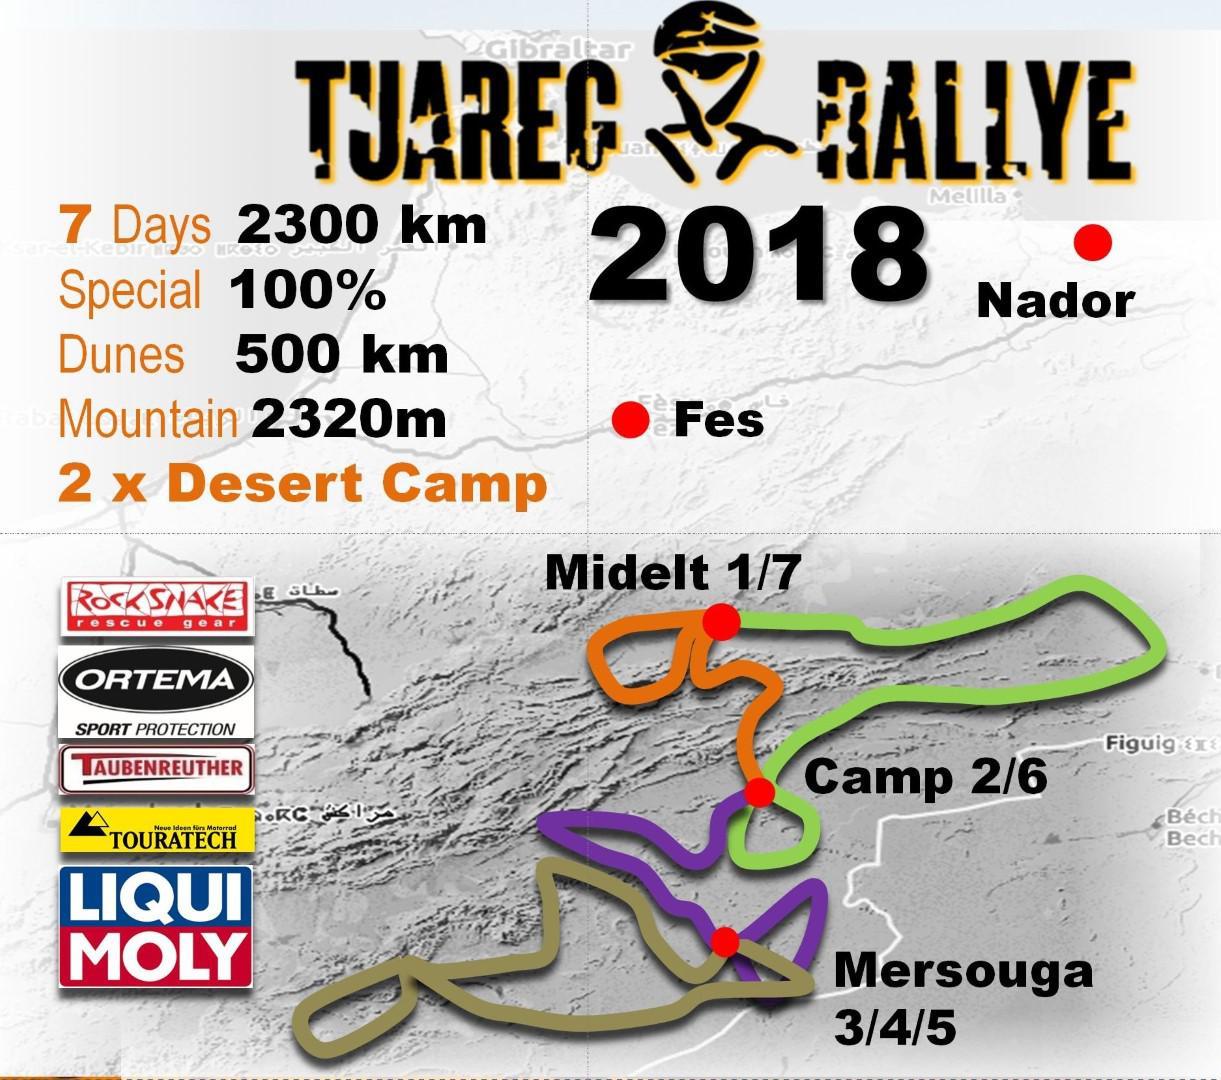 tuareg-rallye-parcours-et-programme-de-l-edition-2018-615-1.jpg